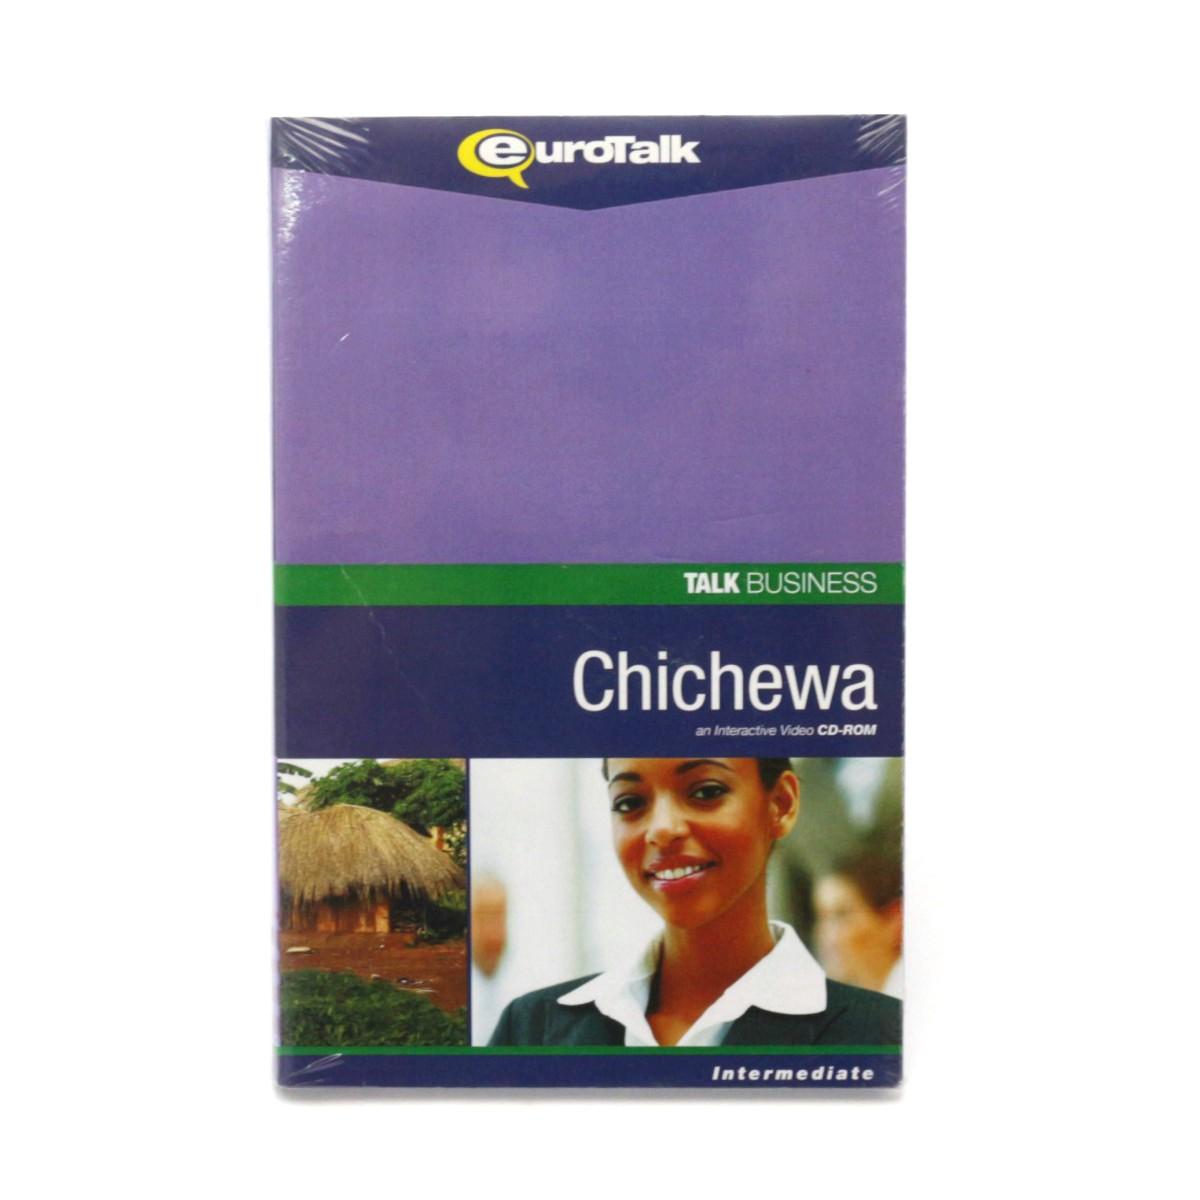 Eurotalk Talk Business Chichewa